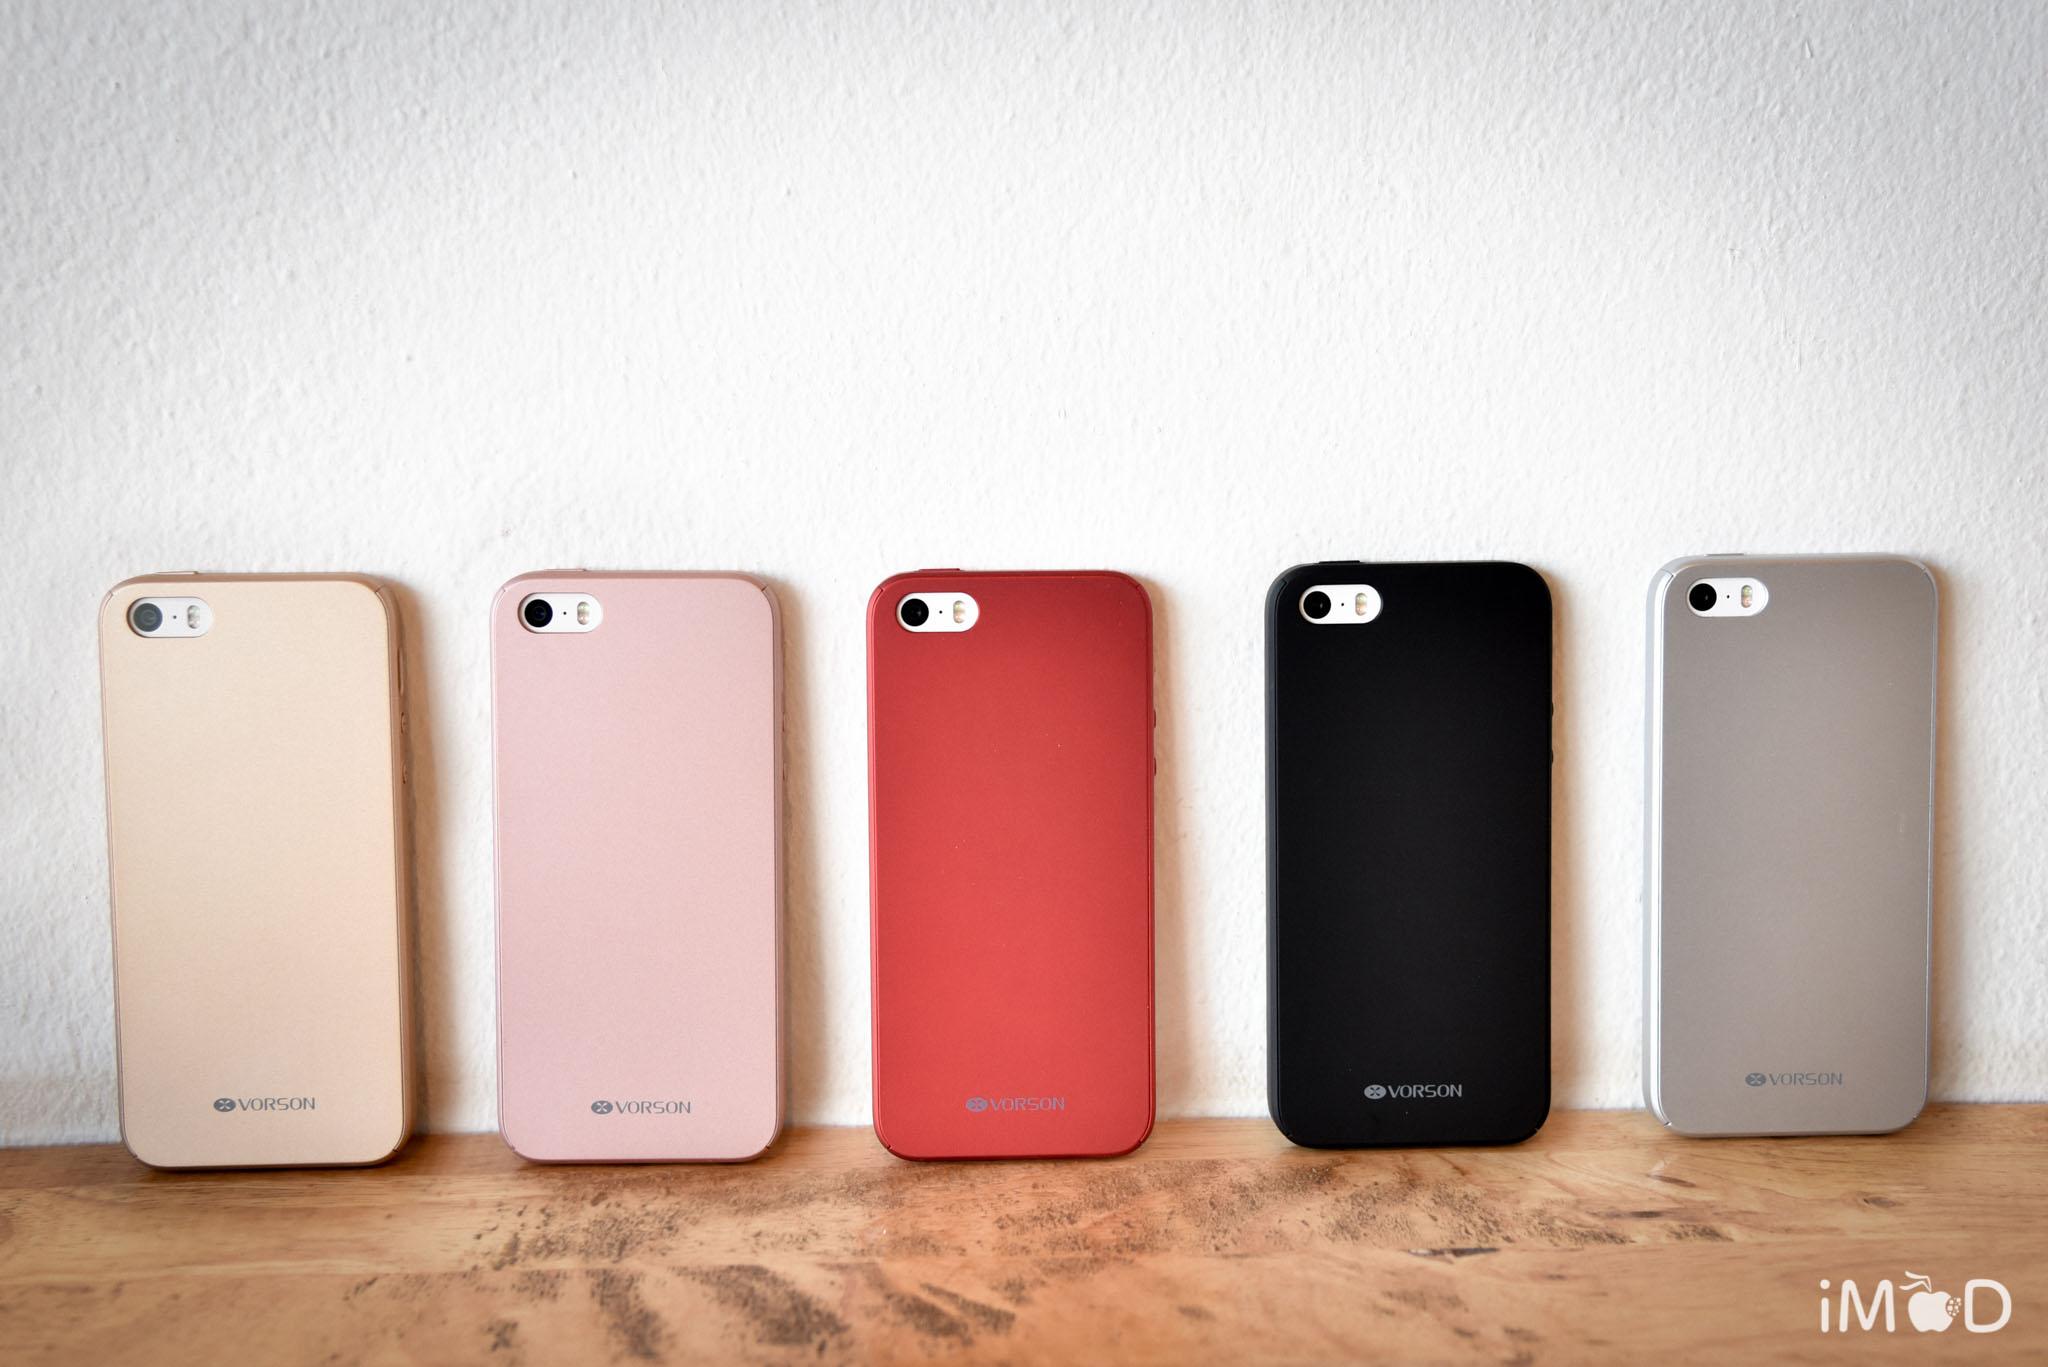 Vorson iPhone SE case-20